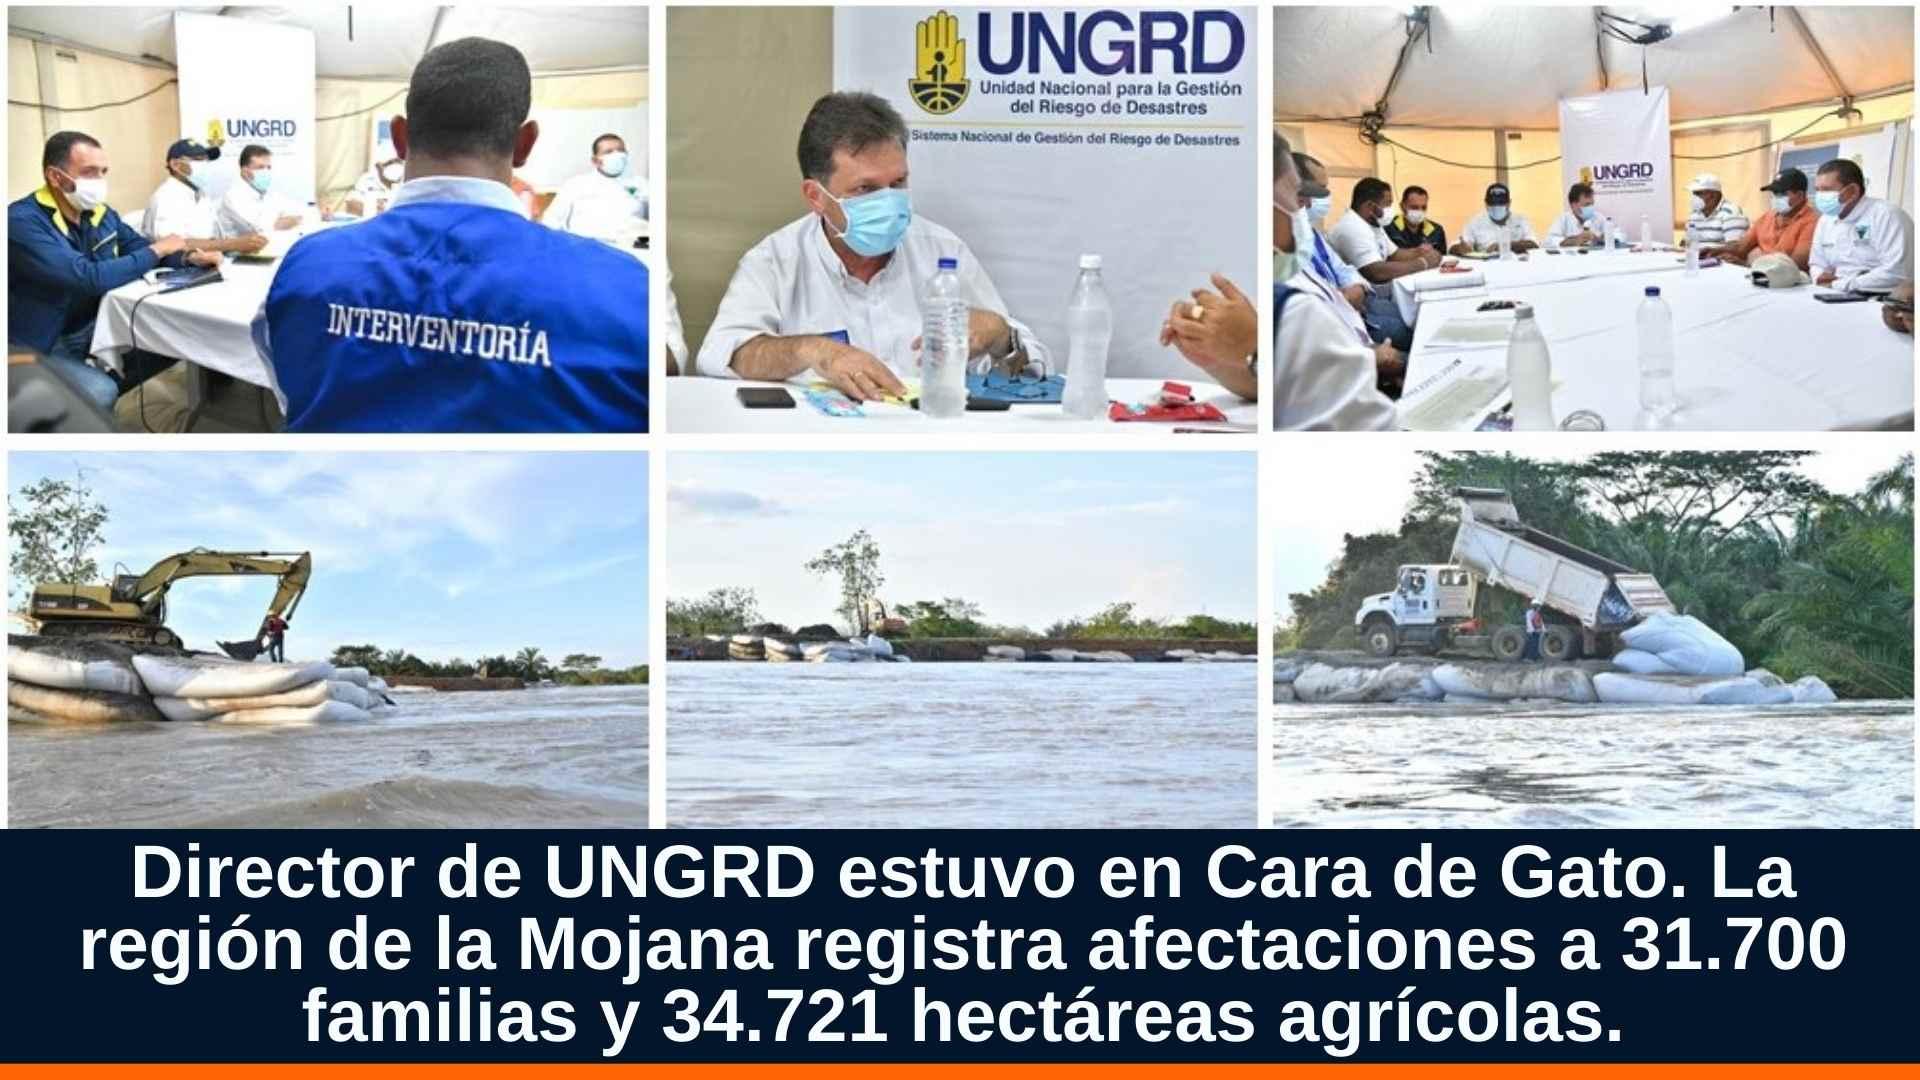 La región de la Mojana registra afectaciones a 31.700 familias y 34.721 hectáreas agrícolas.